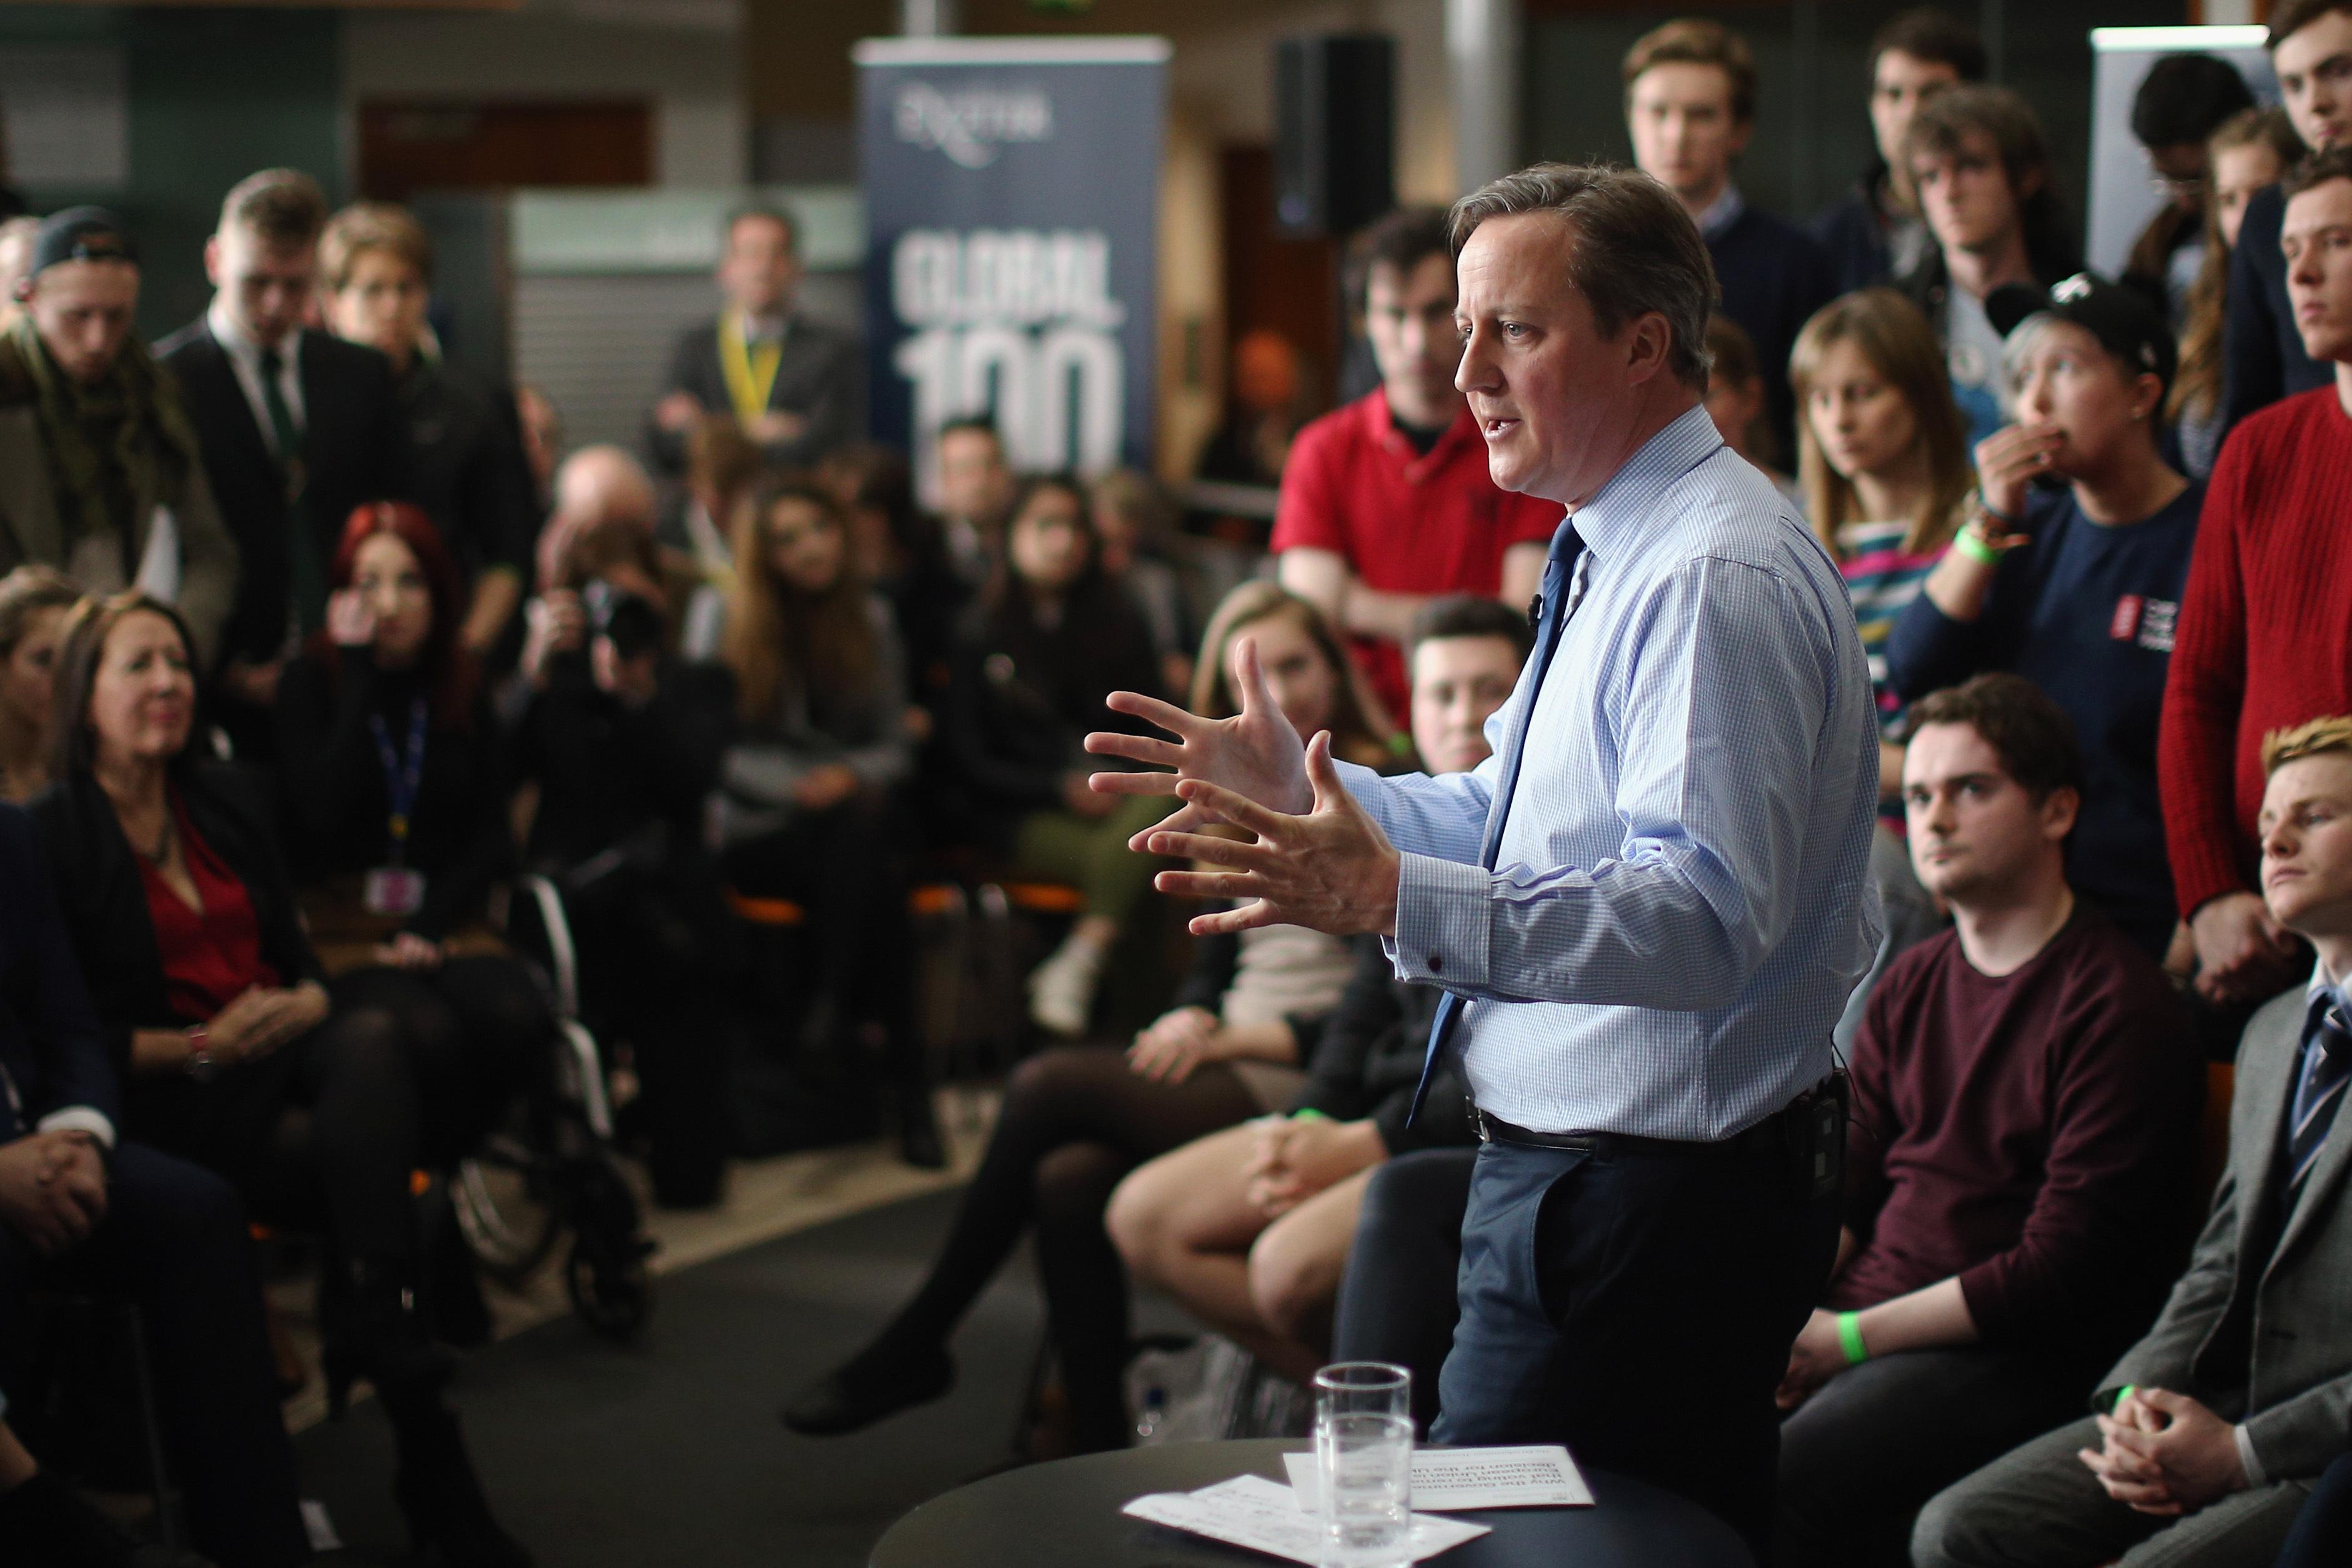 Überzeugungsarbeit ist hier eigentlich nicht nötig: David Cameron spricht mit Studenten der University of Exeter über die Folgen eines möglichen Brexit.